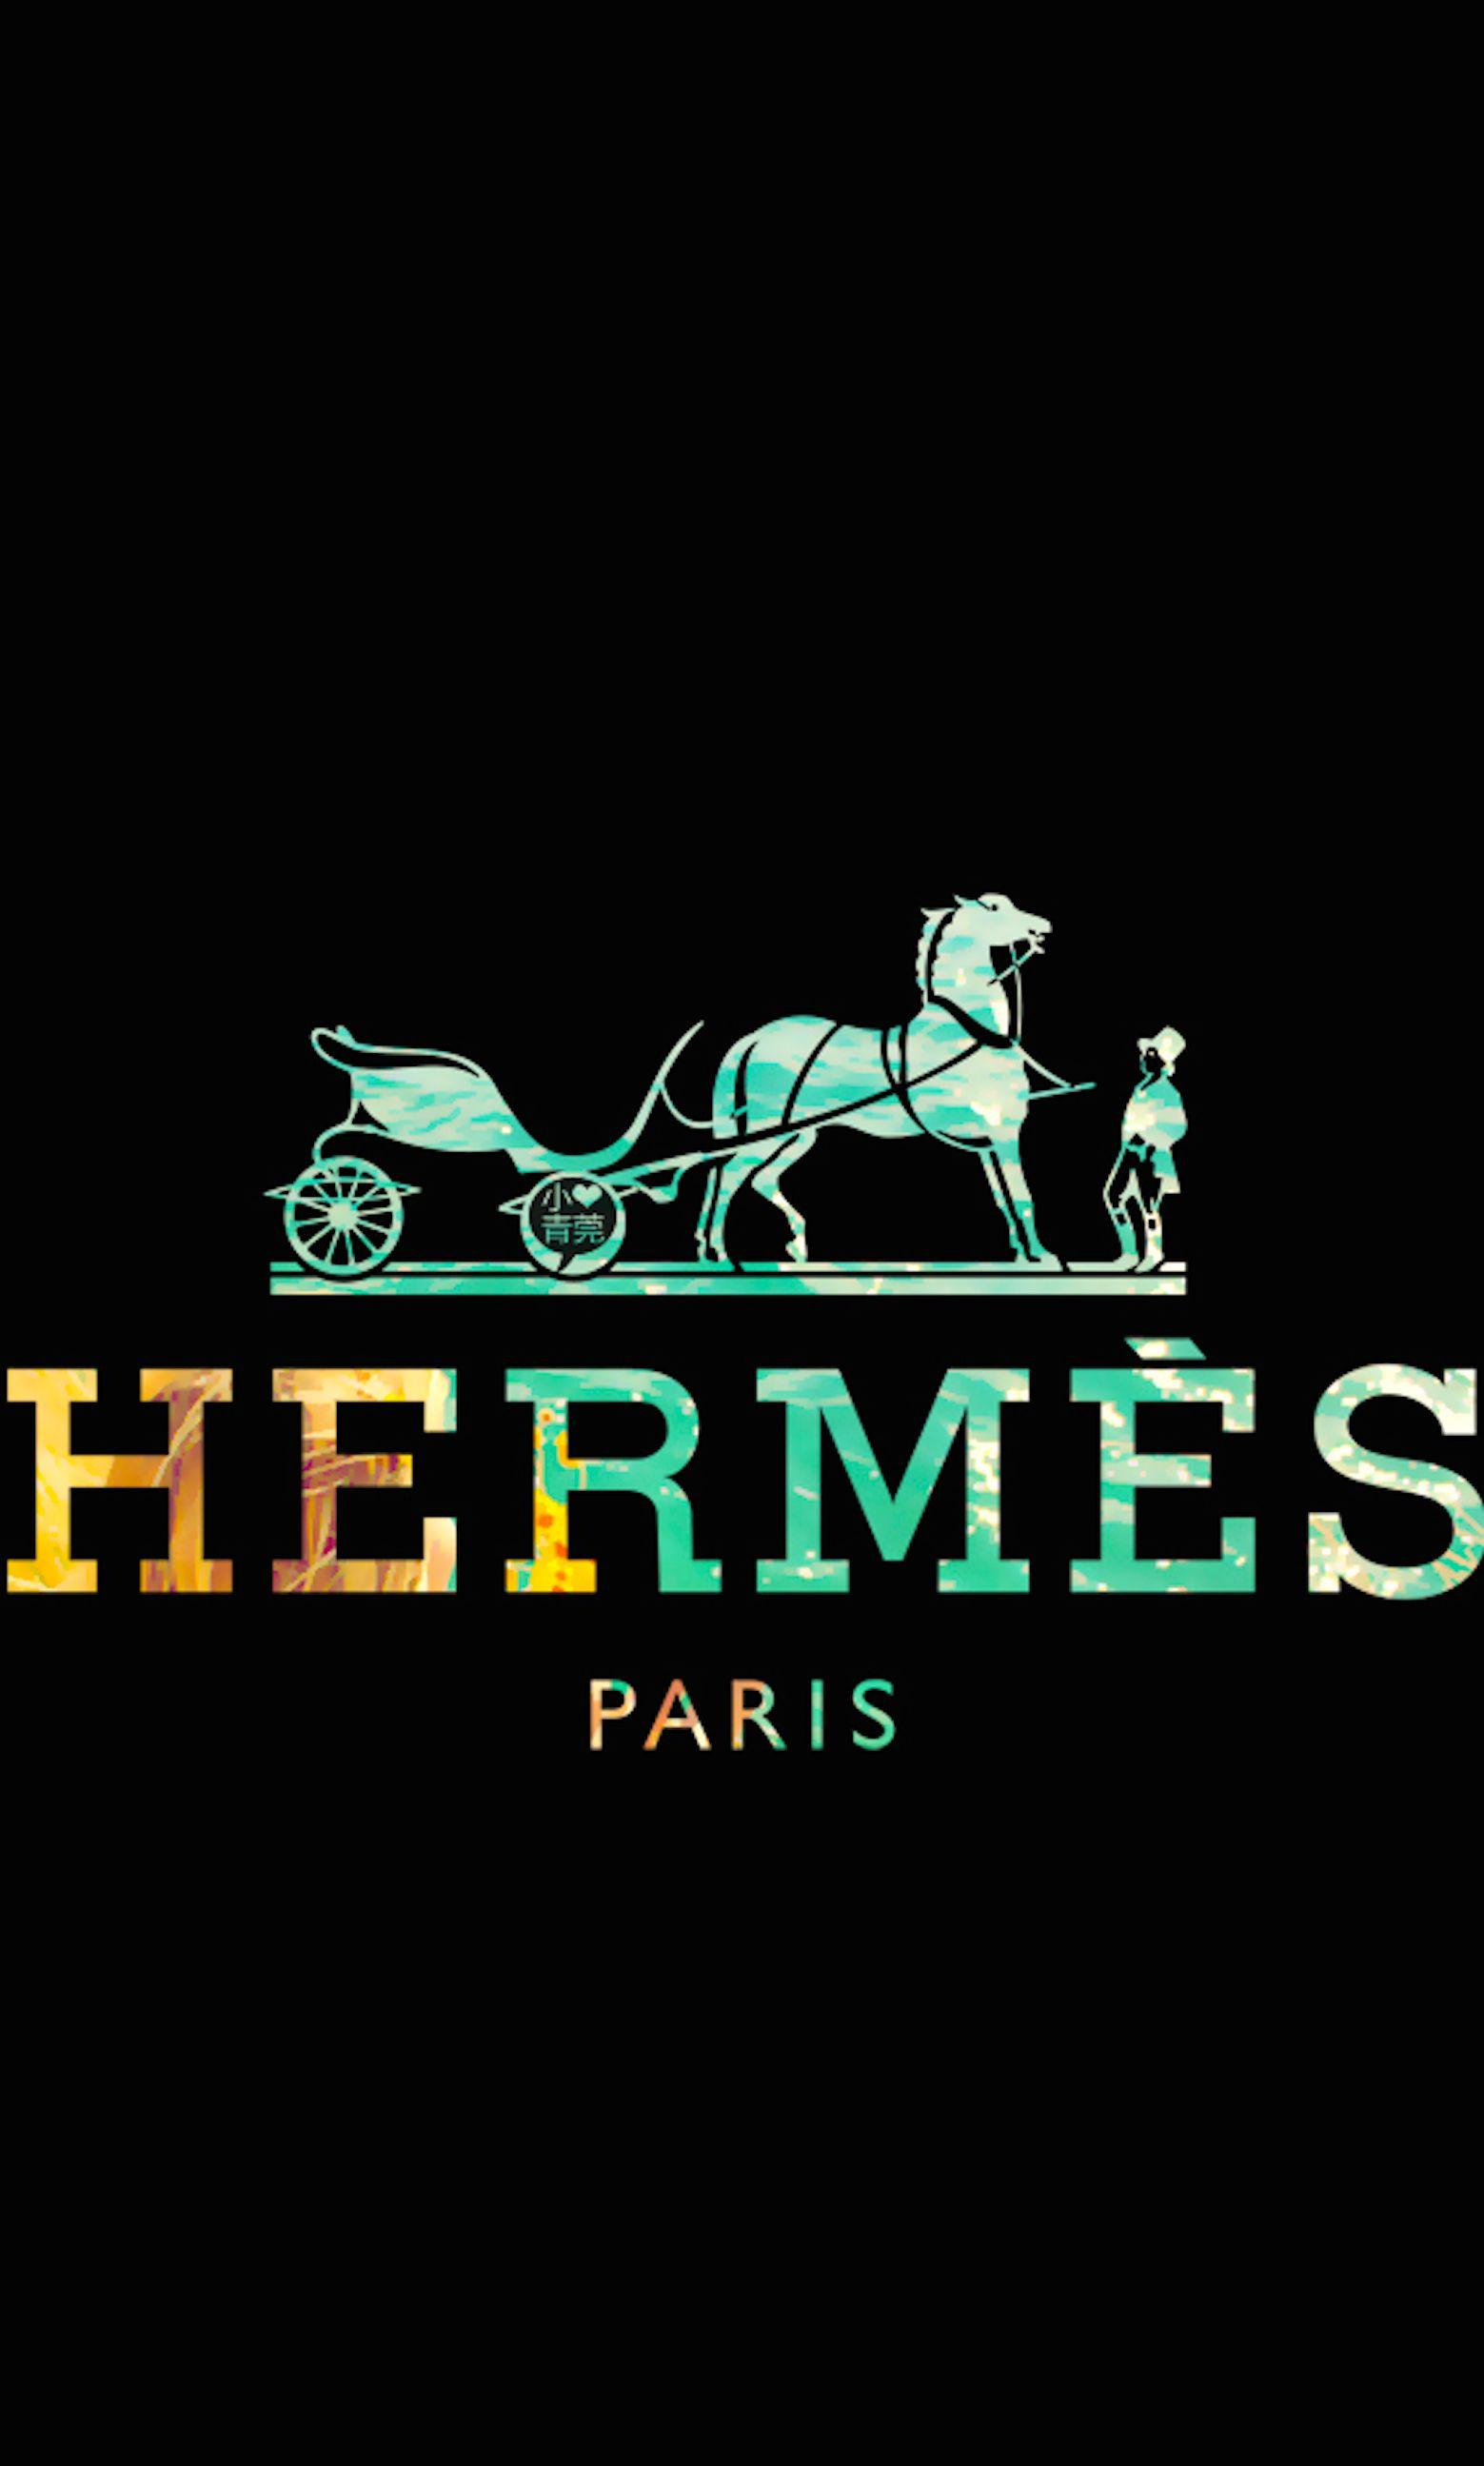 Hermes Paris Fond D Ecran Apple Watch Fond D Ecran Telephone Ecran Apple Watch